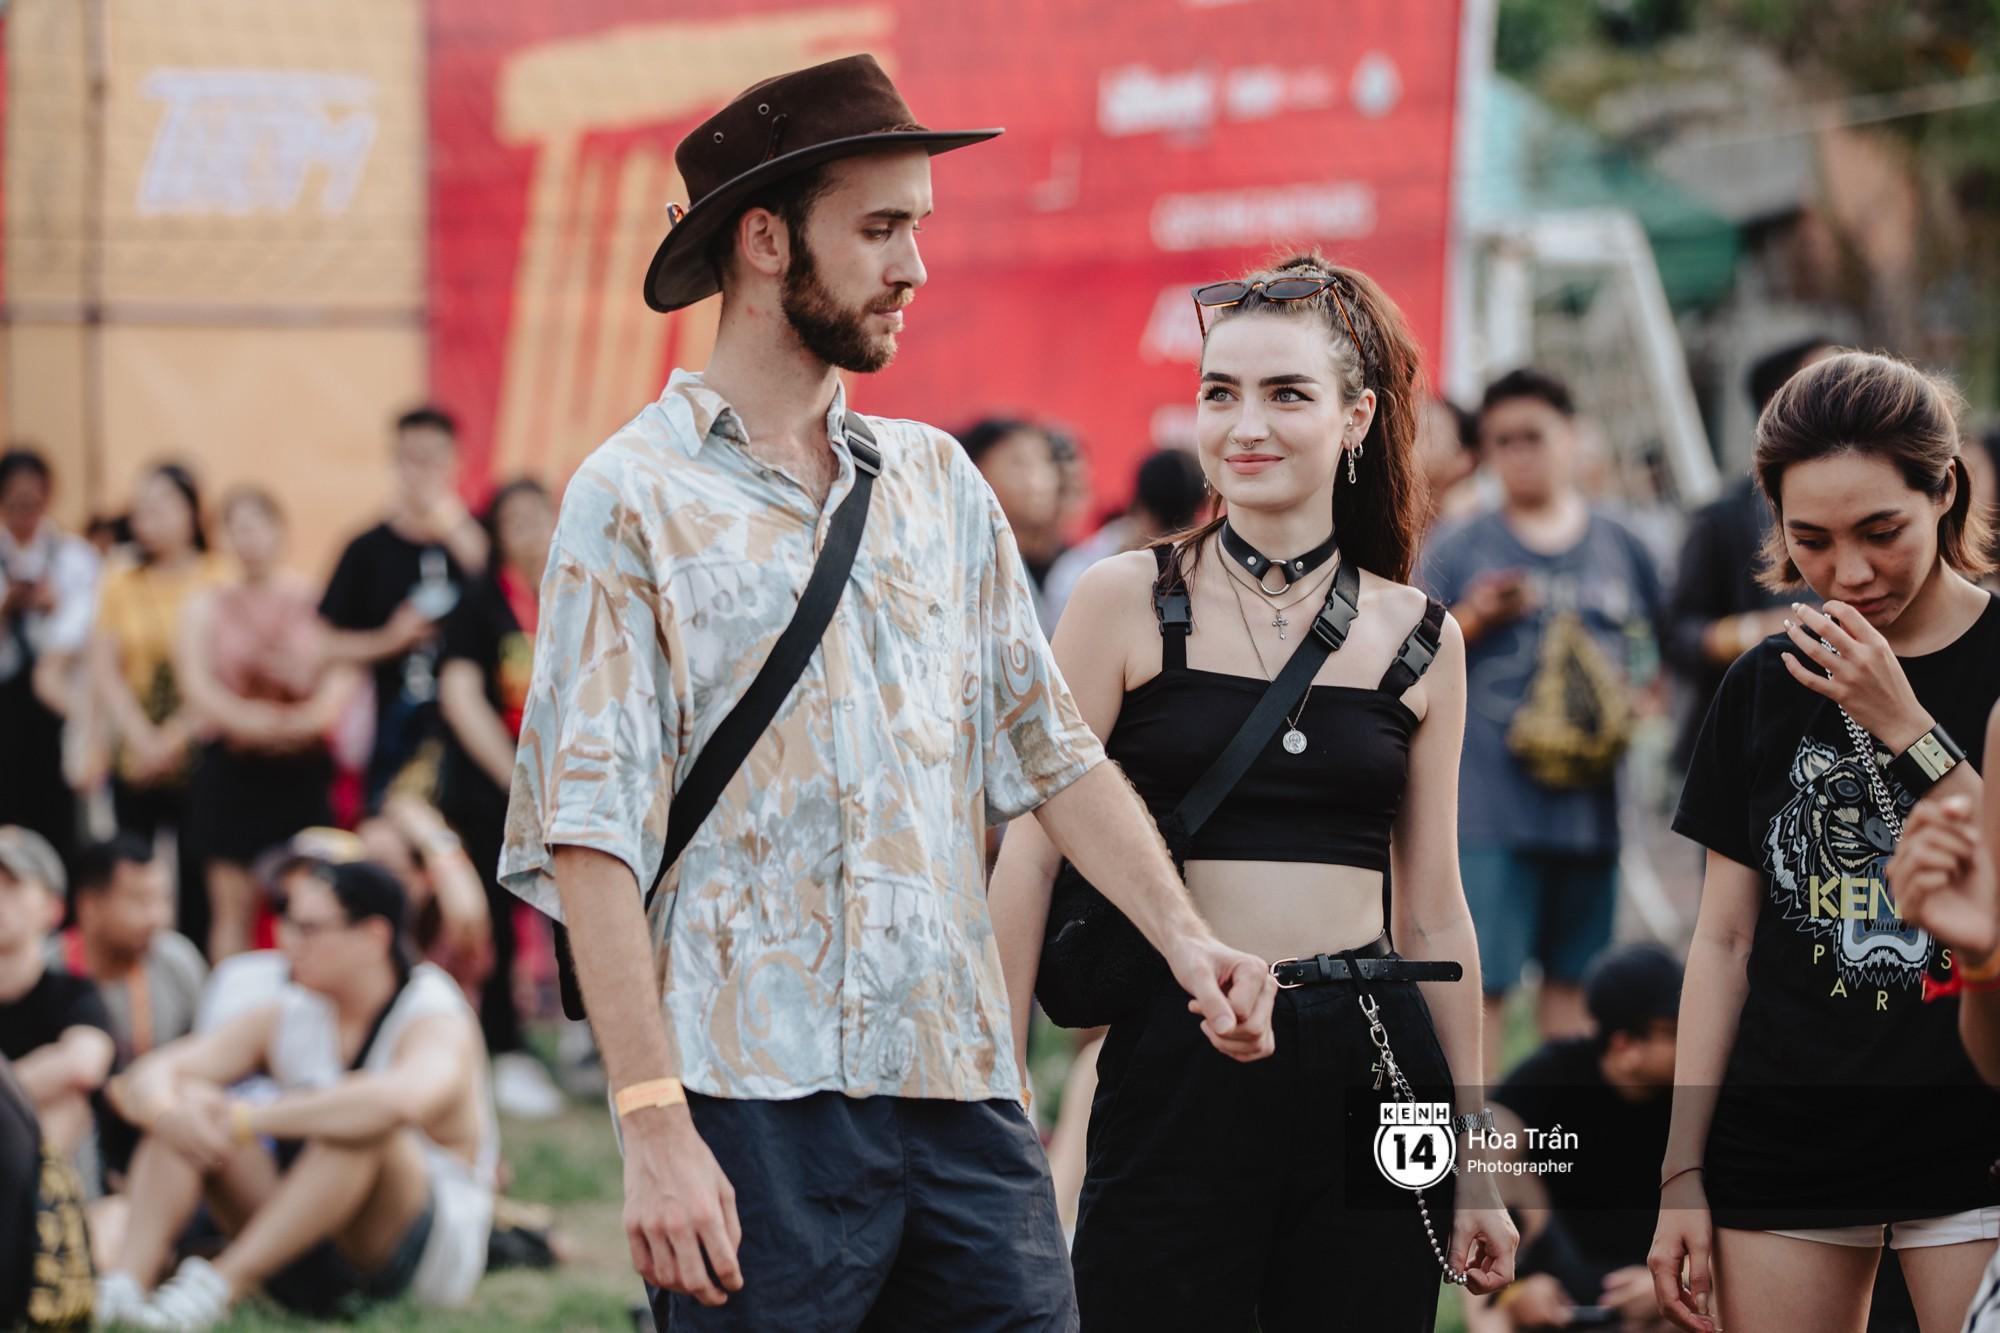 Giới trẻ Sài Gòn cùng loạt nghệ sĩ đình đám như Vũ, Đen Vâu, Suboi hoà mình vào bữa tiệc âm nhạc hoành tráng tại Thơm Music Festival - Ảnh 17.